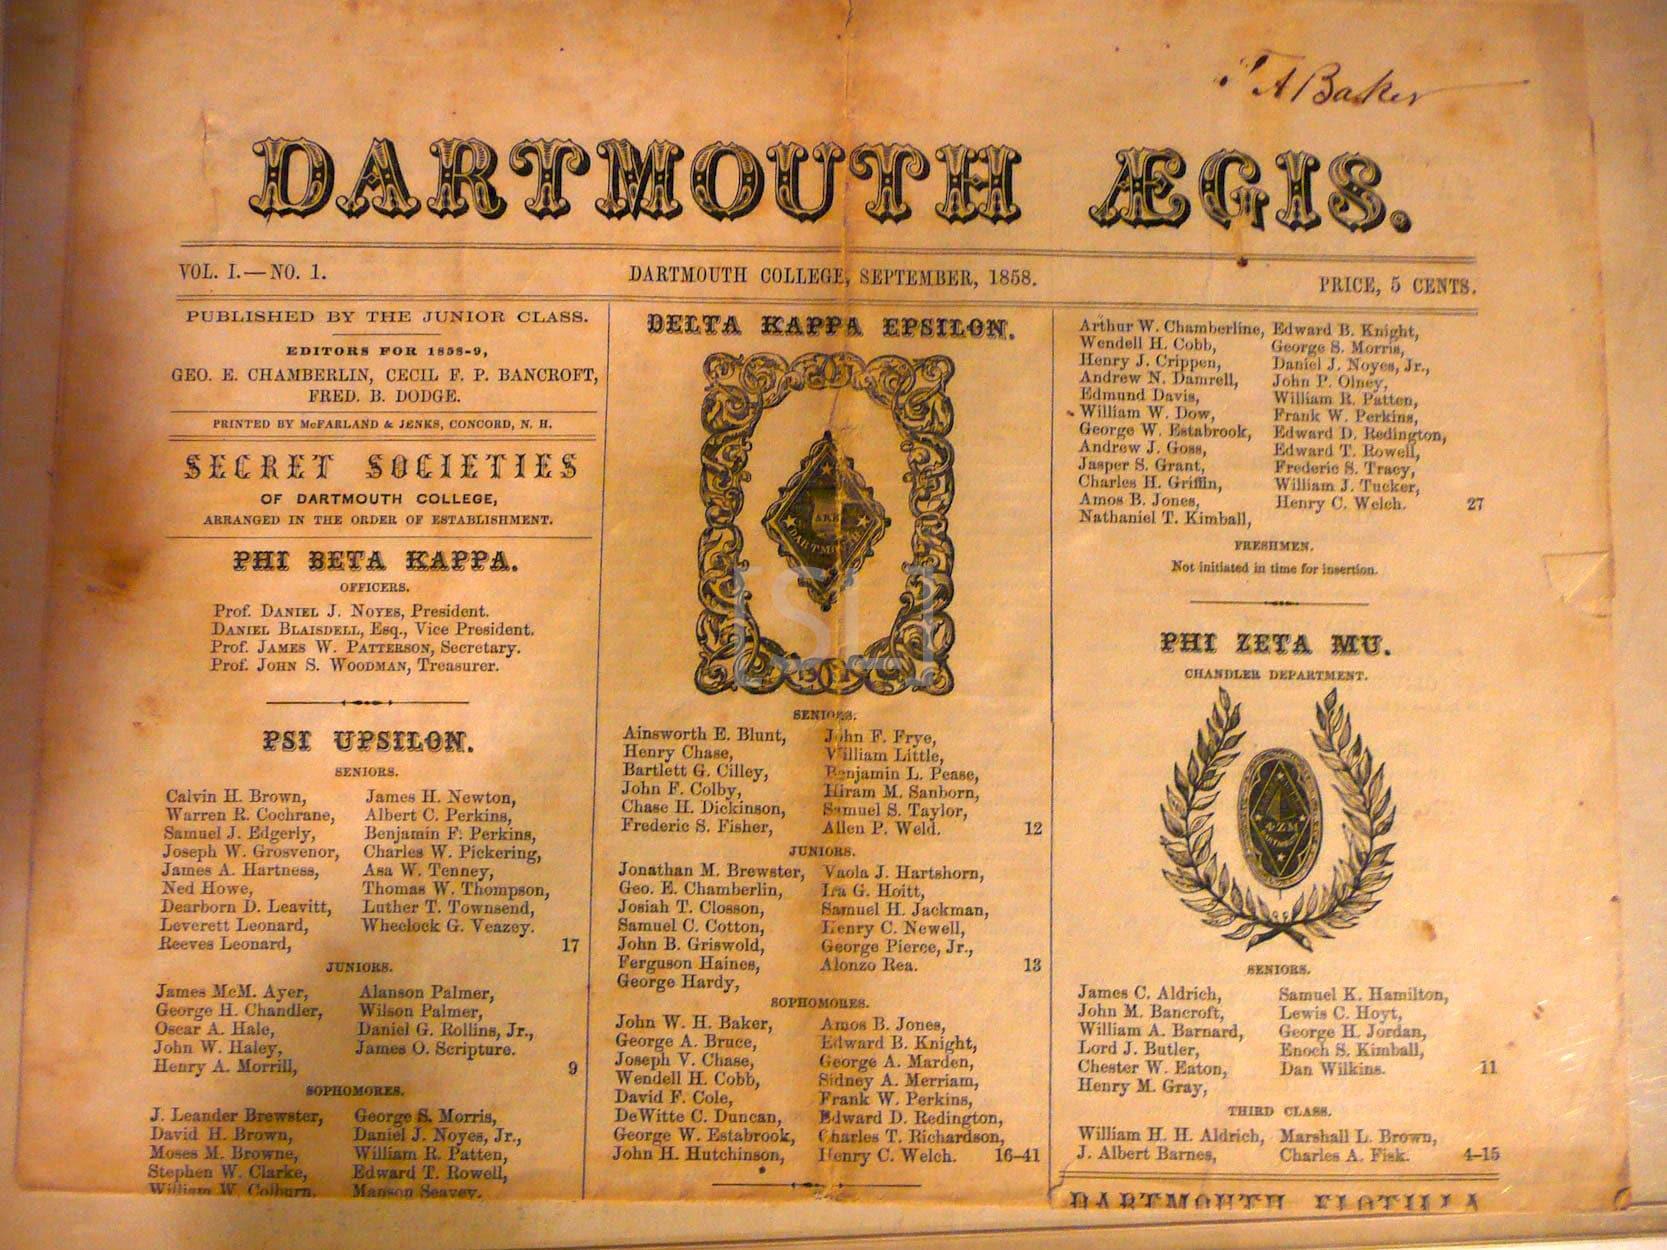 Dartmouth Aegis